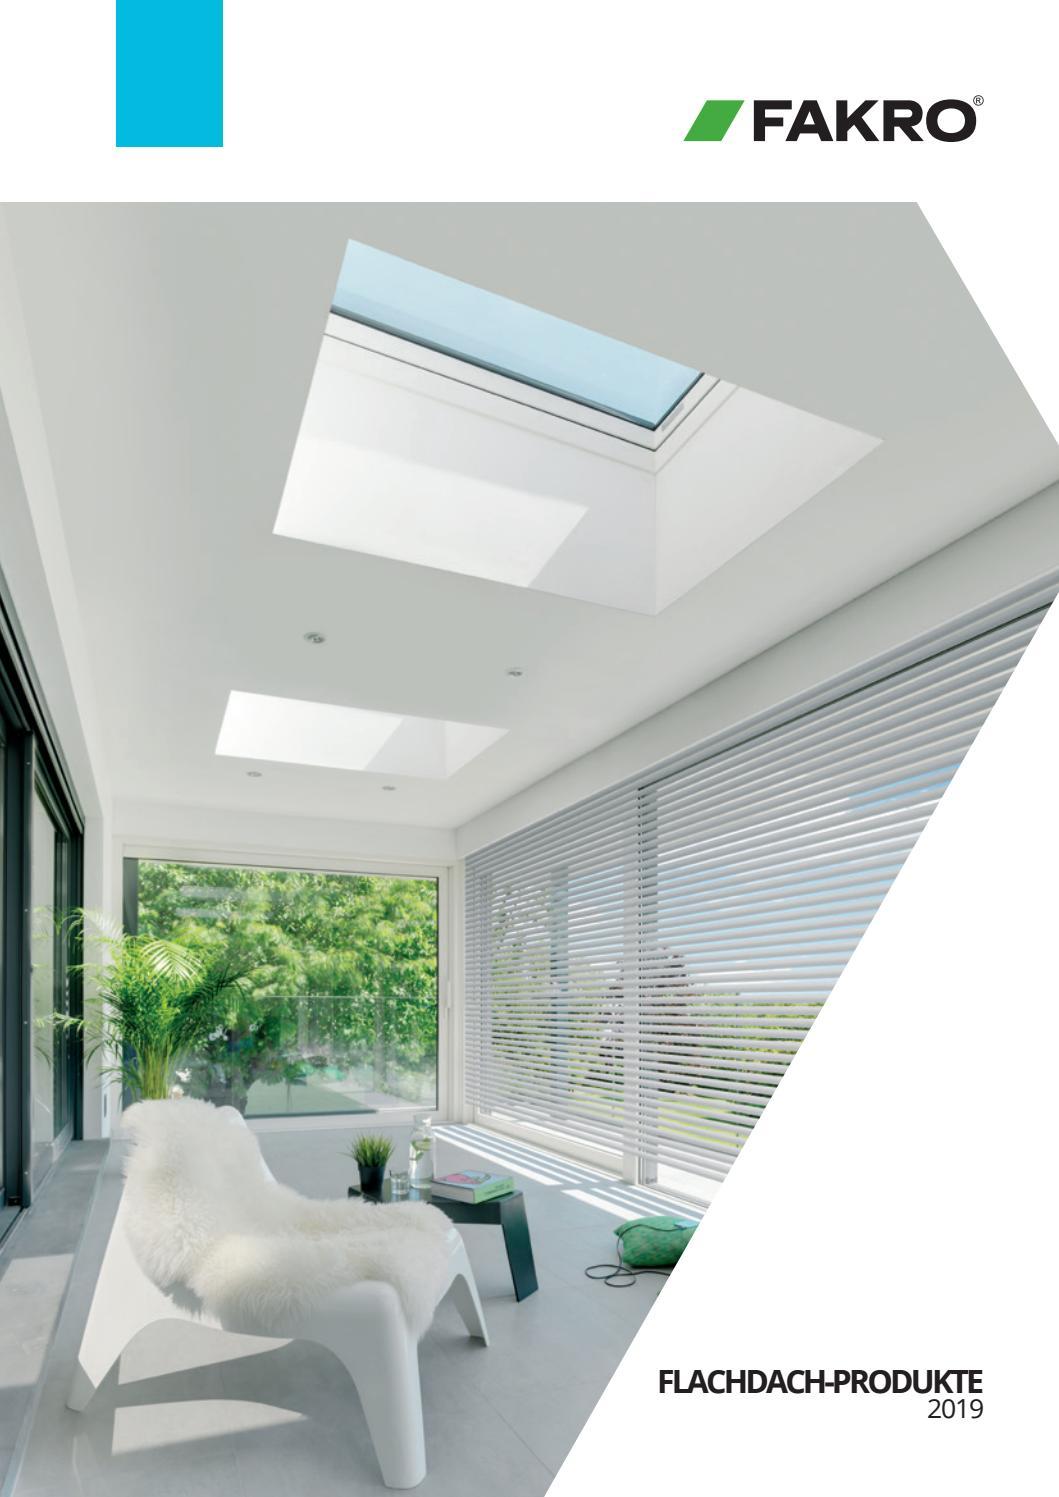 Dachöffnung 80 x 80 Lichteinfall 60 x 60 Lichtkuppel 80x80 cm